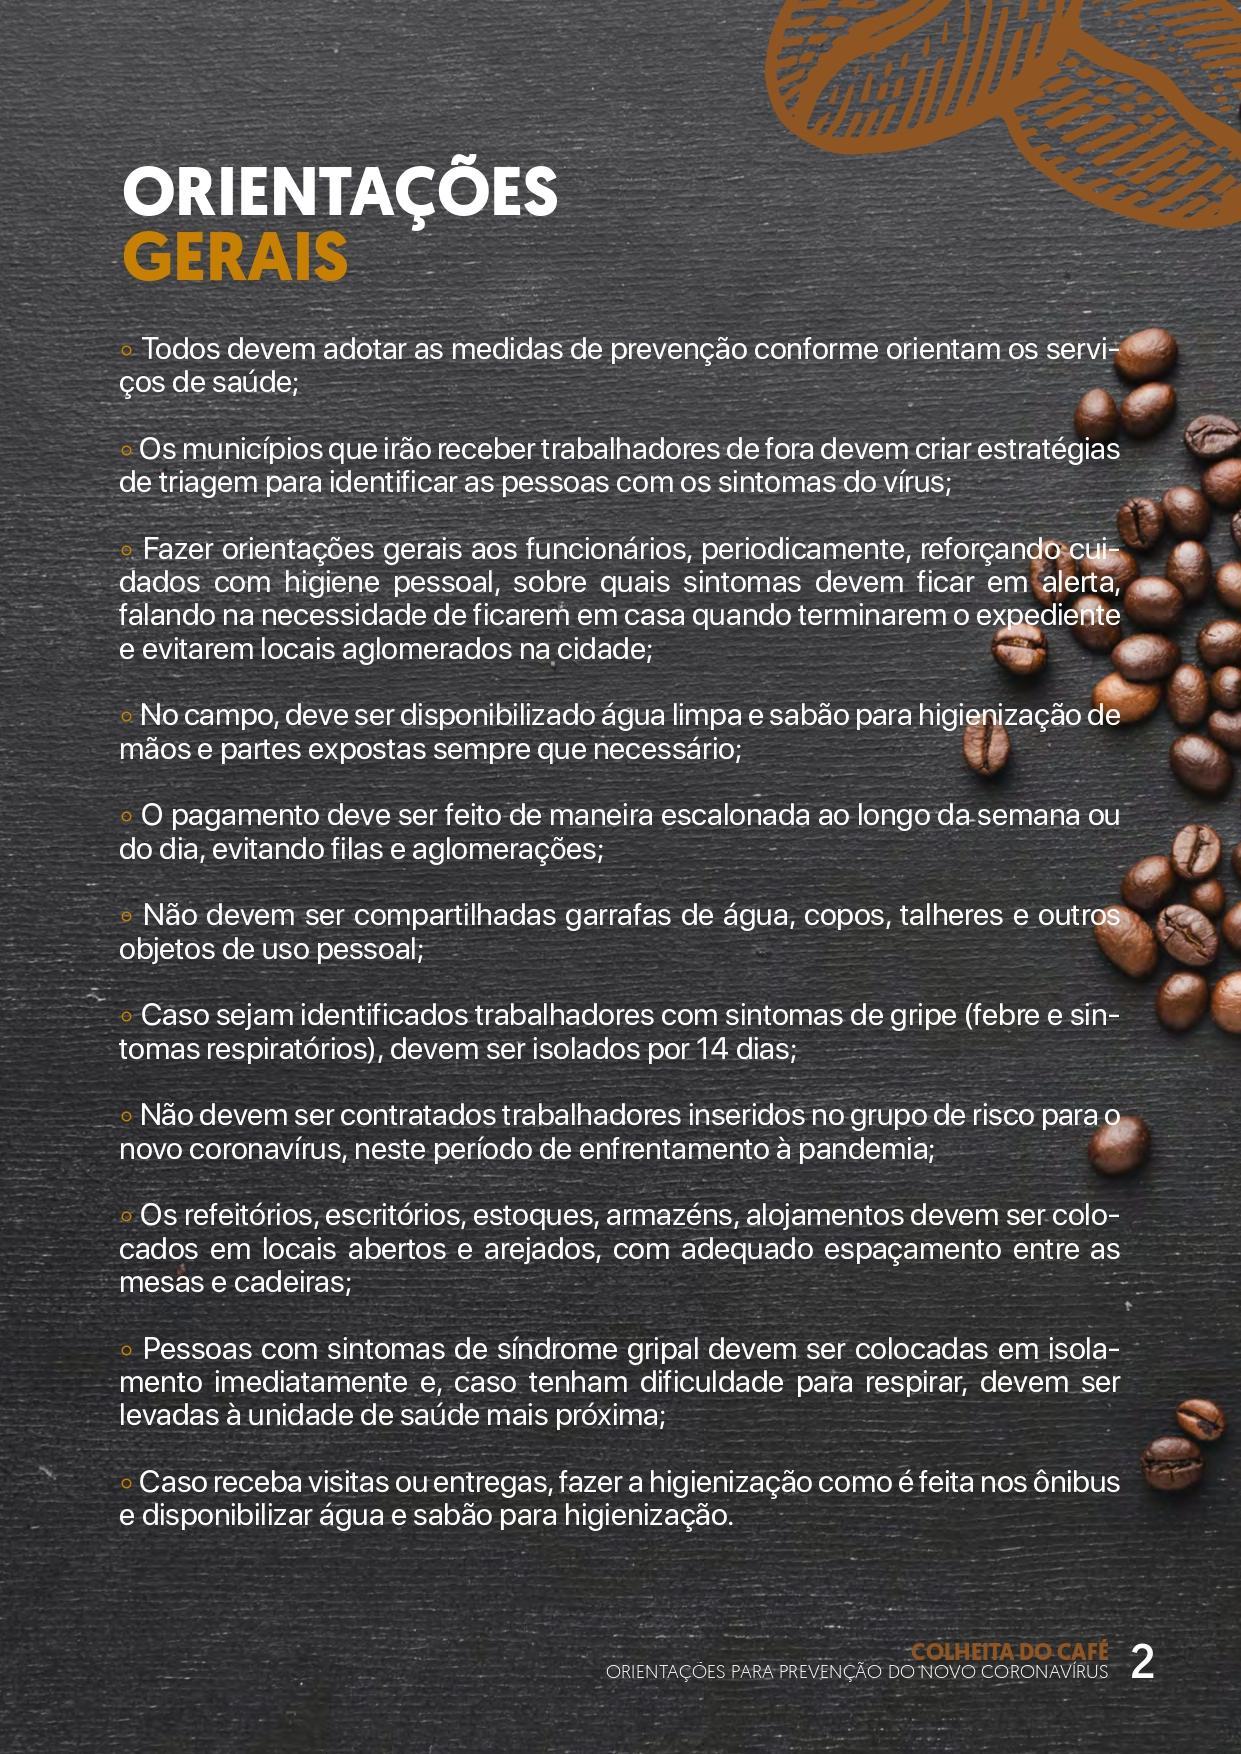 Coronavírus (COVID-19): SEAG cria cartilha para prevenção na colheita do café